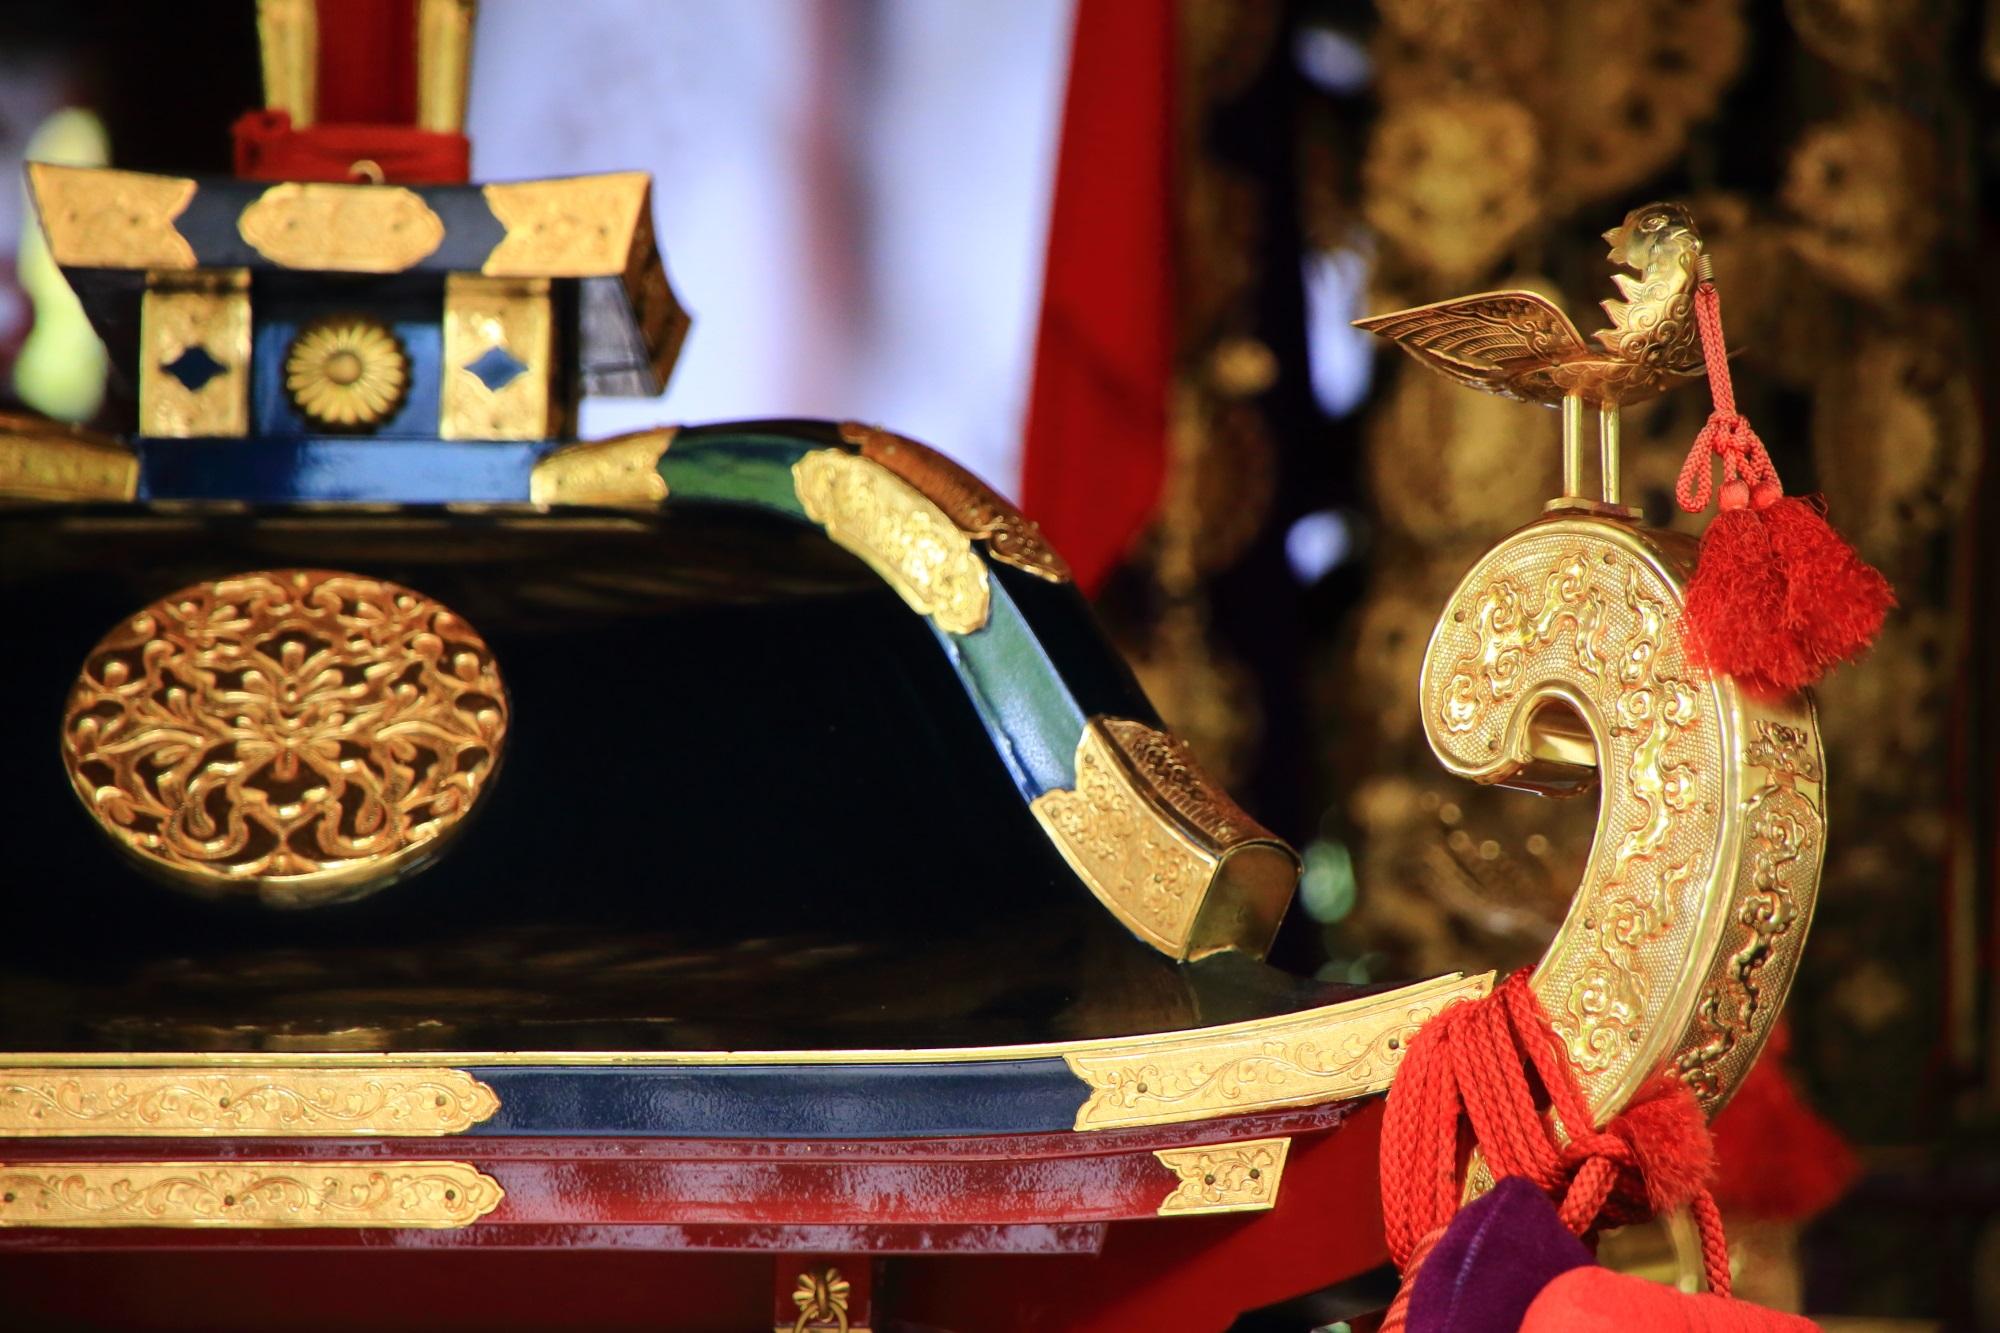 非常に繊細な造りの上御霊神社の御神輿